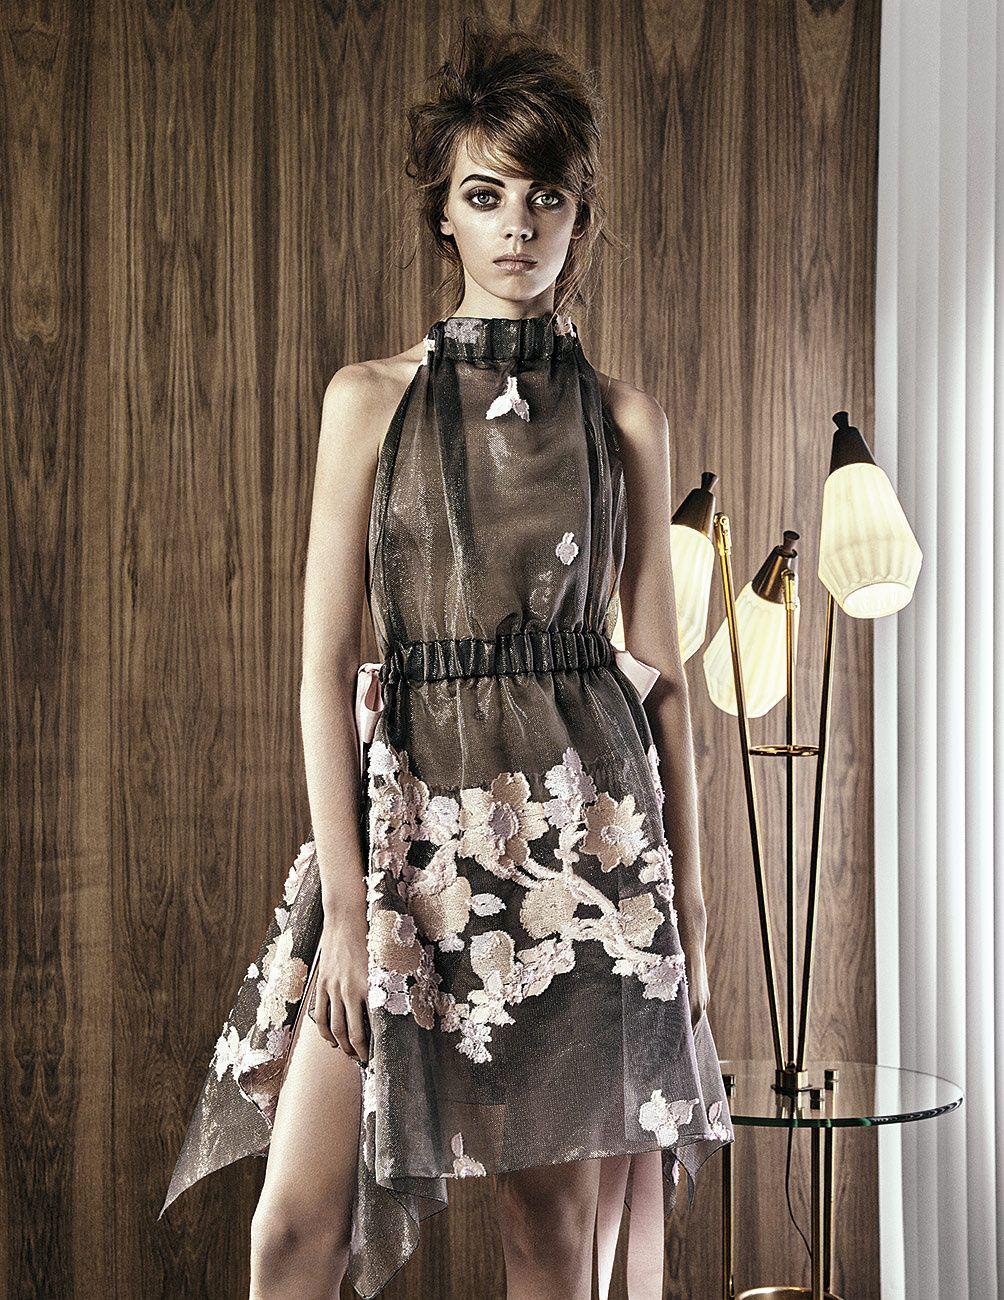 Vestido en tul con falda asim�trica y detalles bot�nicos bordados, de Fendi.